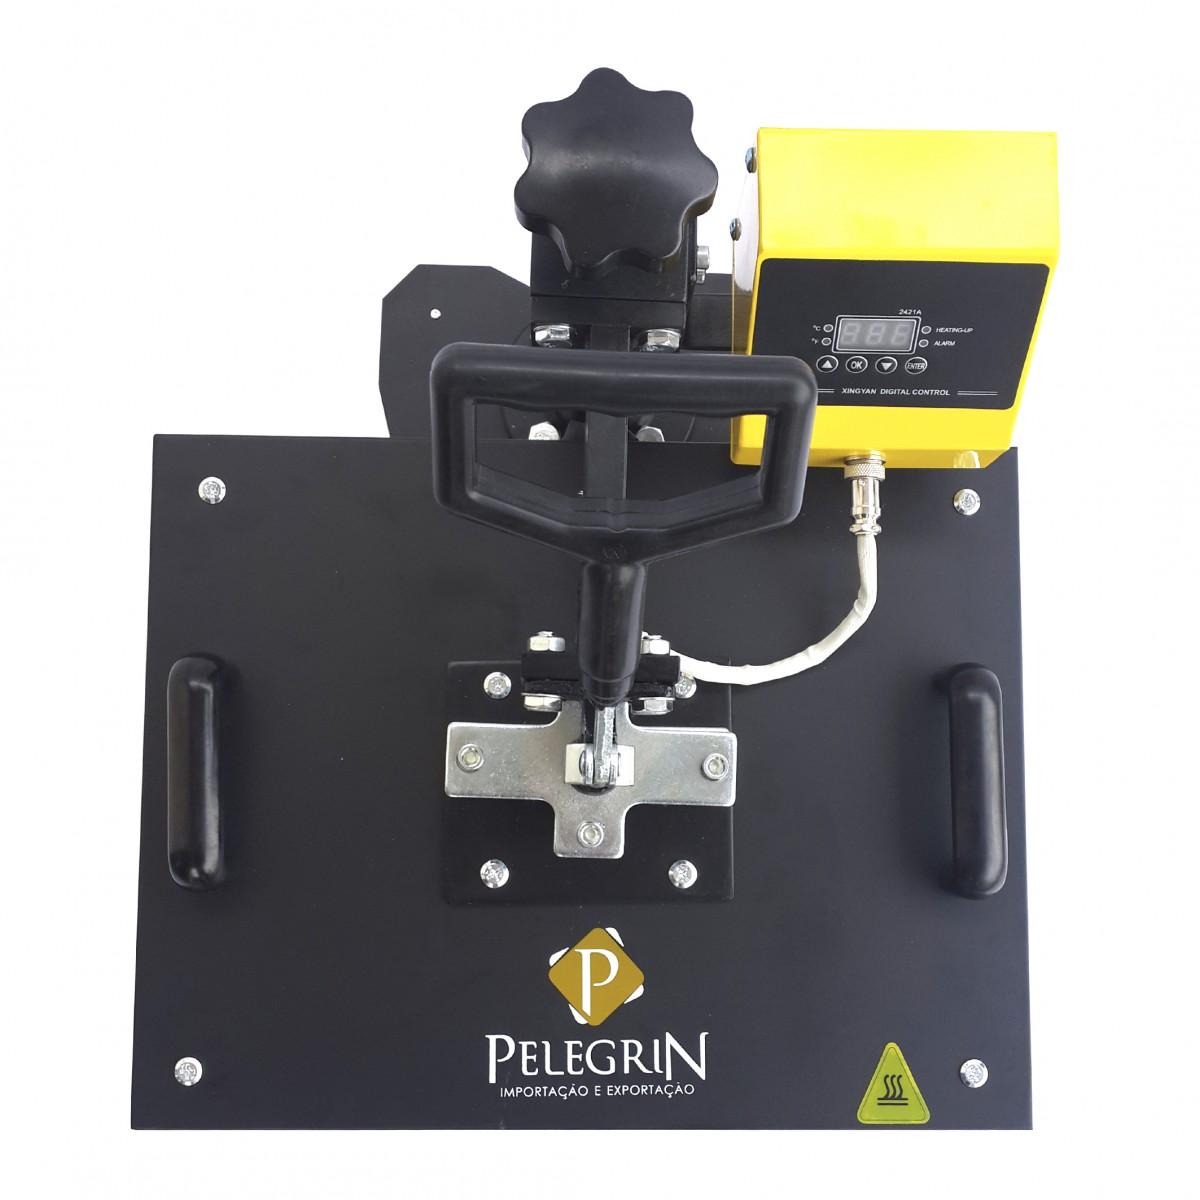 Prensa Térmica para Sublimação 8 em 1 XY-012 Pelegrin 110V